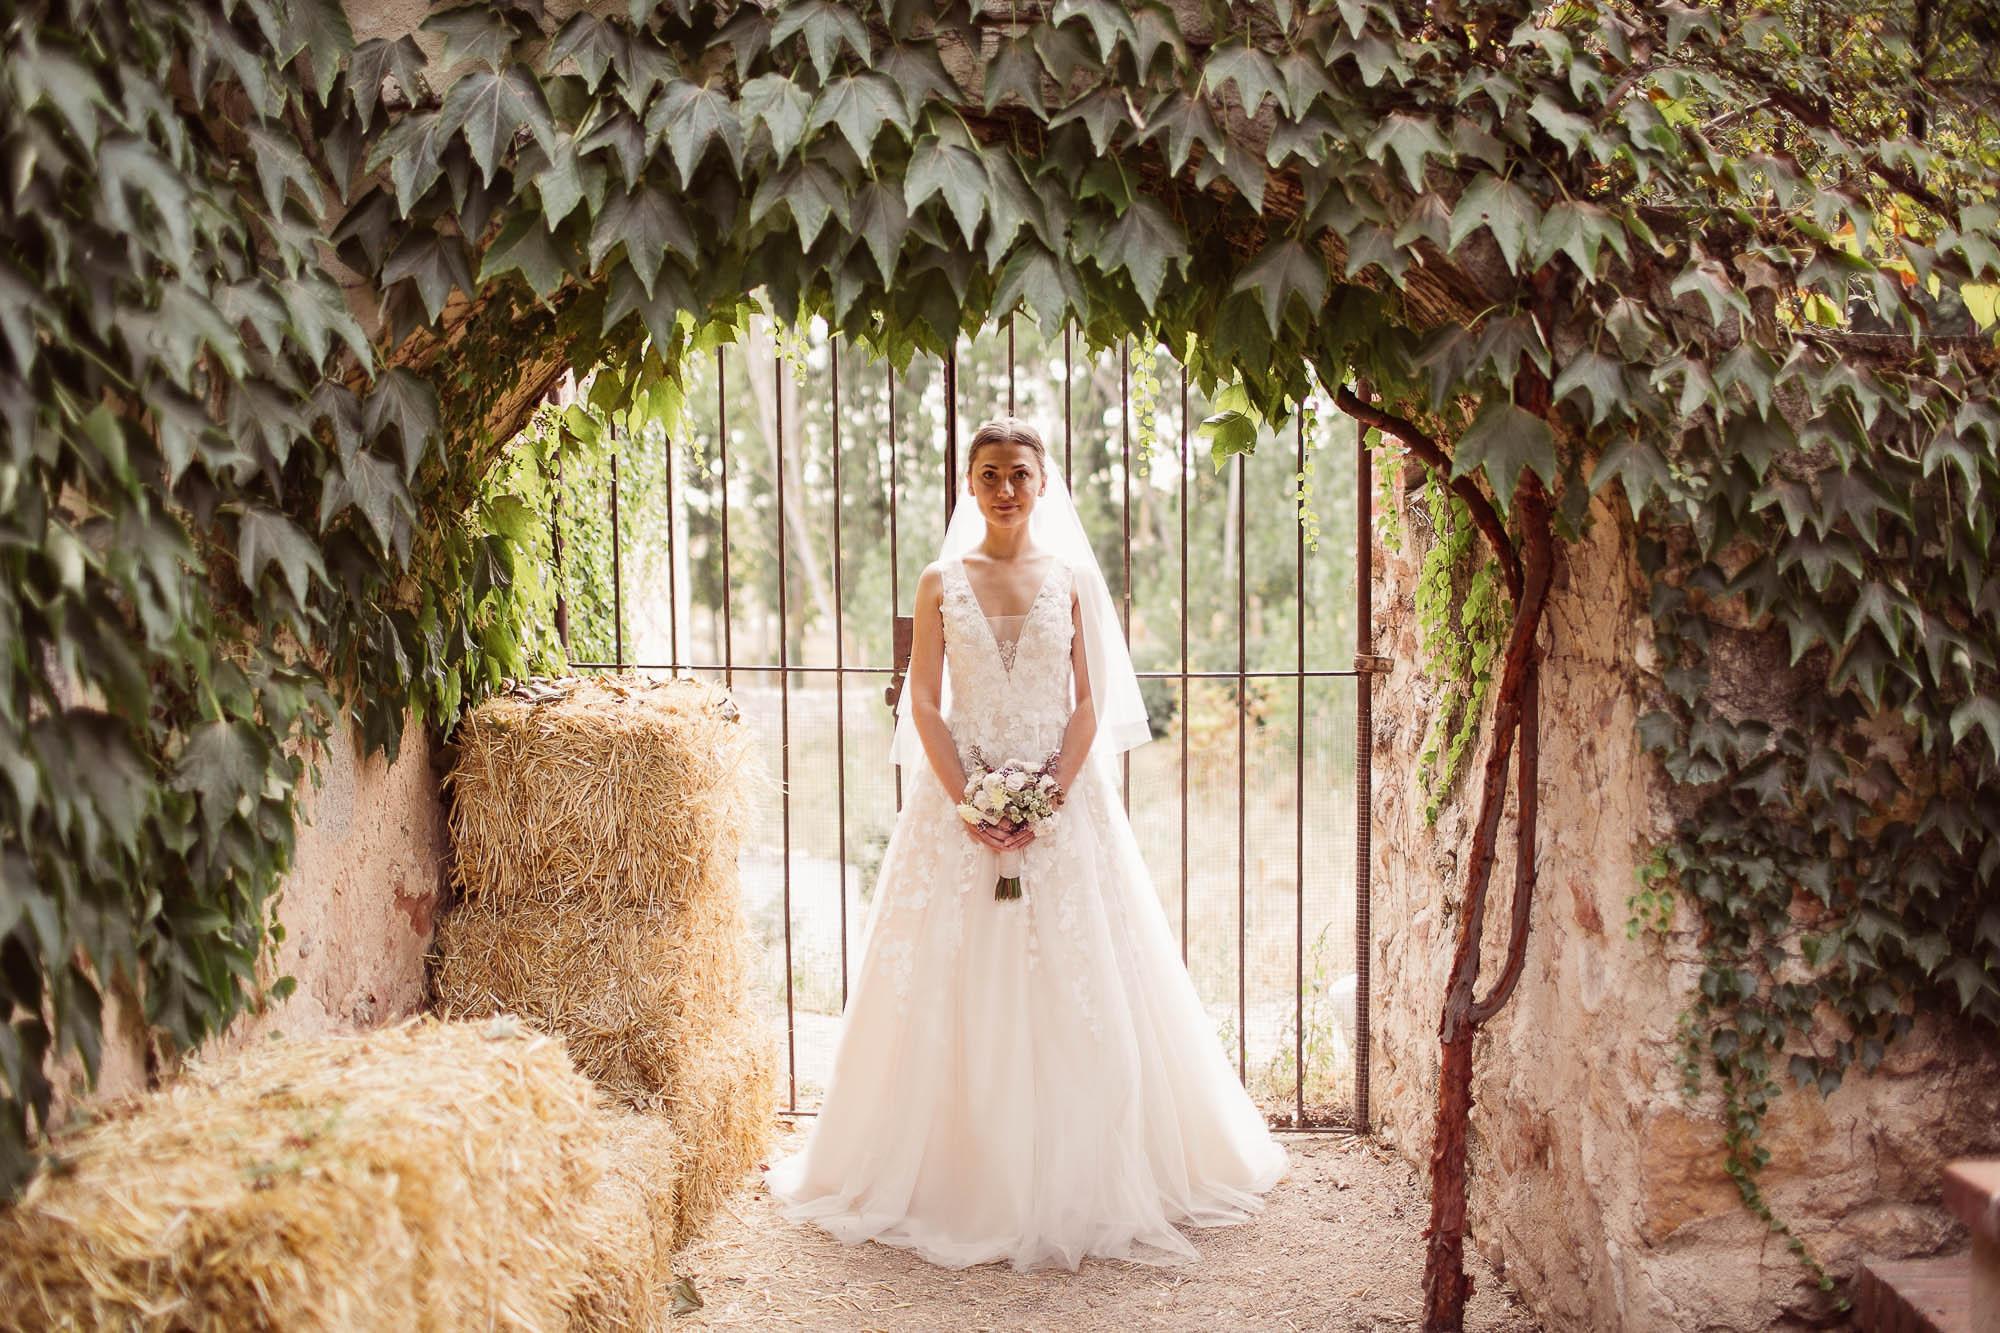 La novia posa en el patio lleno de enredaderas